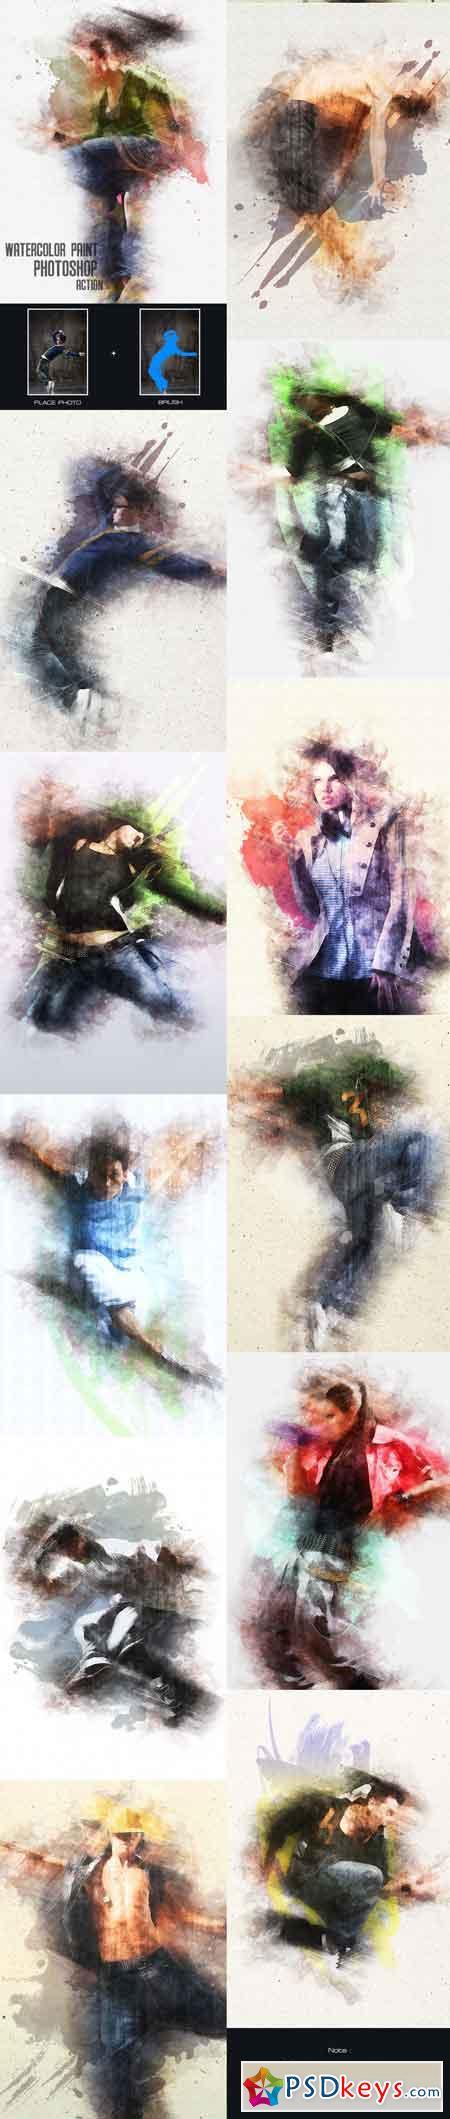 Watercolor Paint - Photoshop Action 13286321